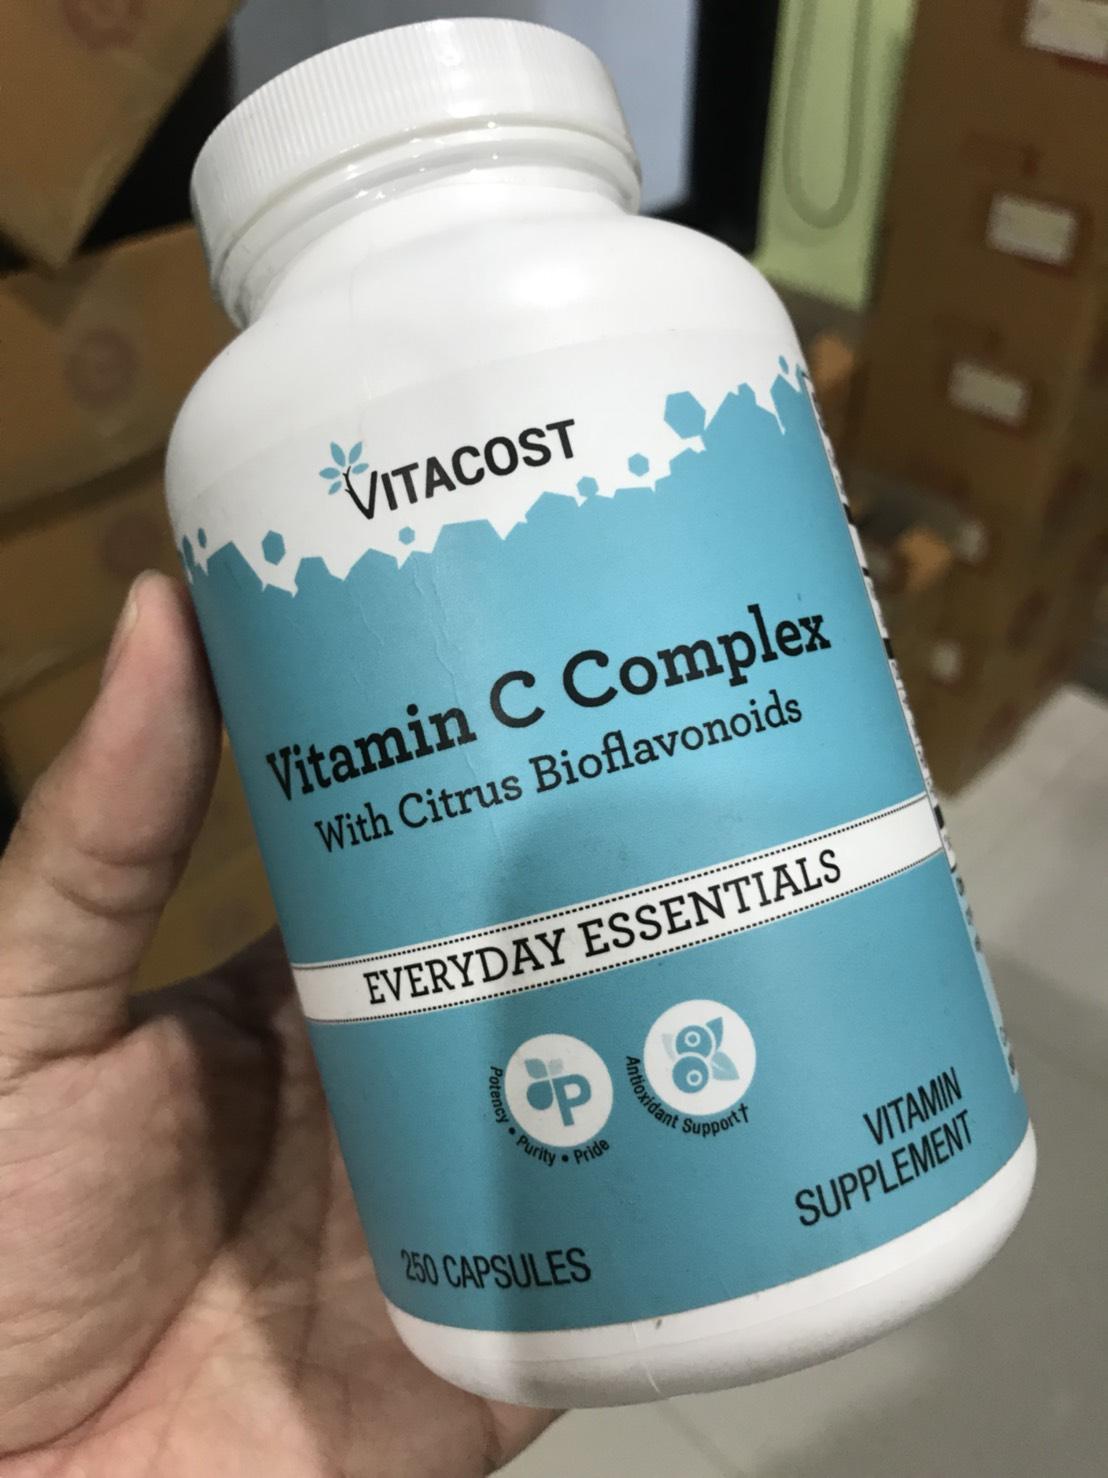 Vitacost Vitamin C Complex with Citrus Bioflavonoids -- 1000 mg - 250 Capsules